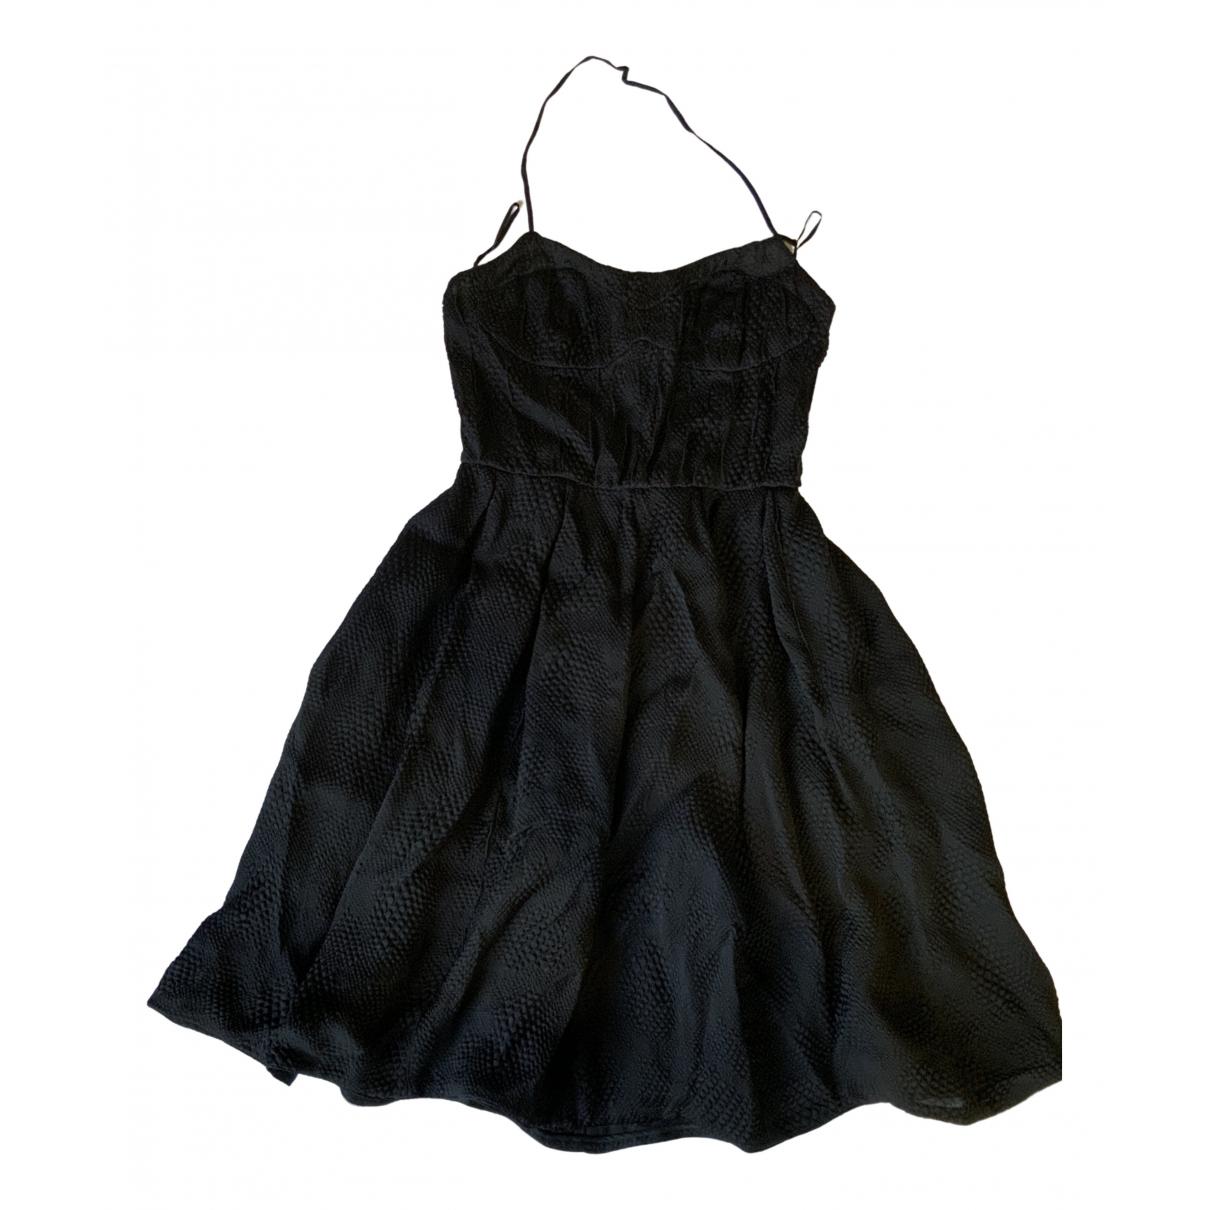 Yves Saint Laurent N Black dress for Women 38 FR